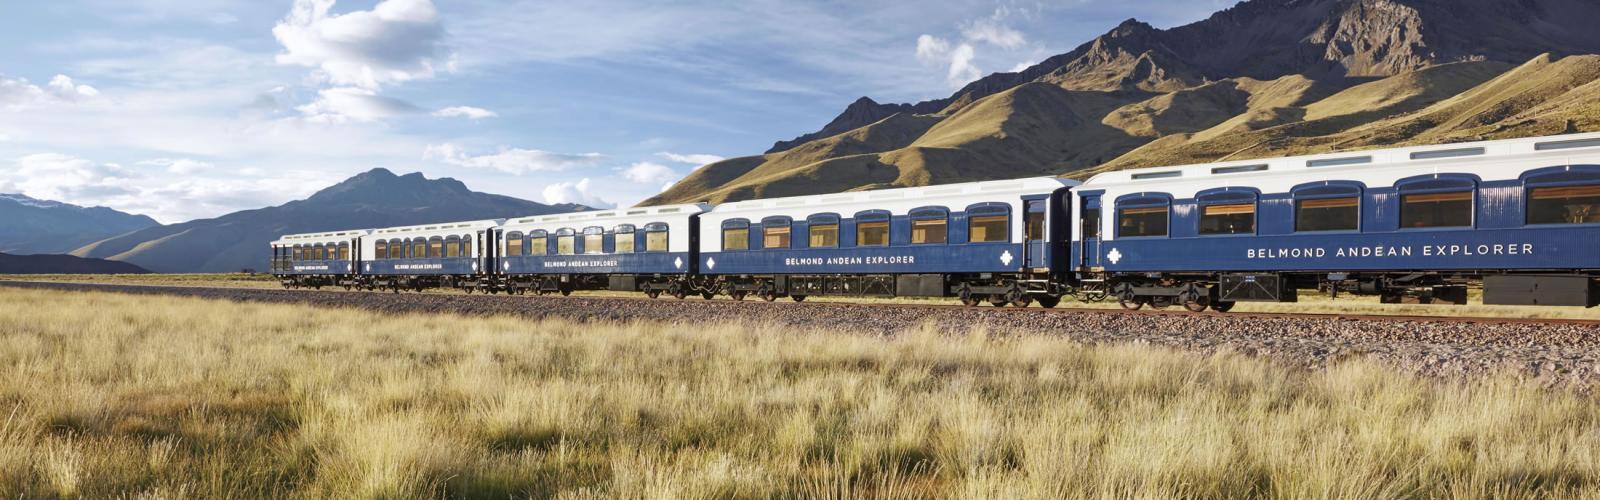 Почему стоит отправиться в путешествие на поезде Belmond Andean Explorer